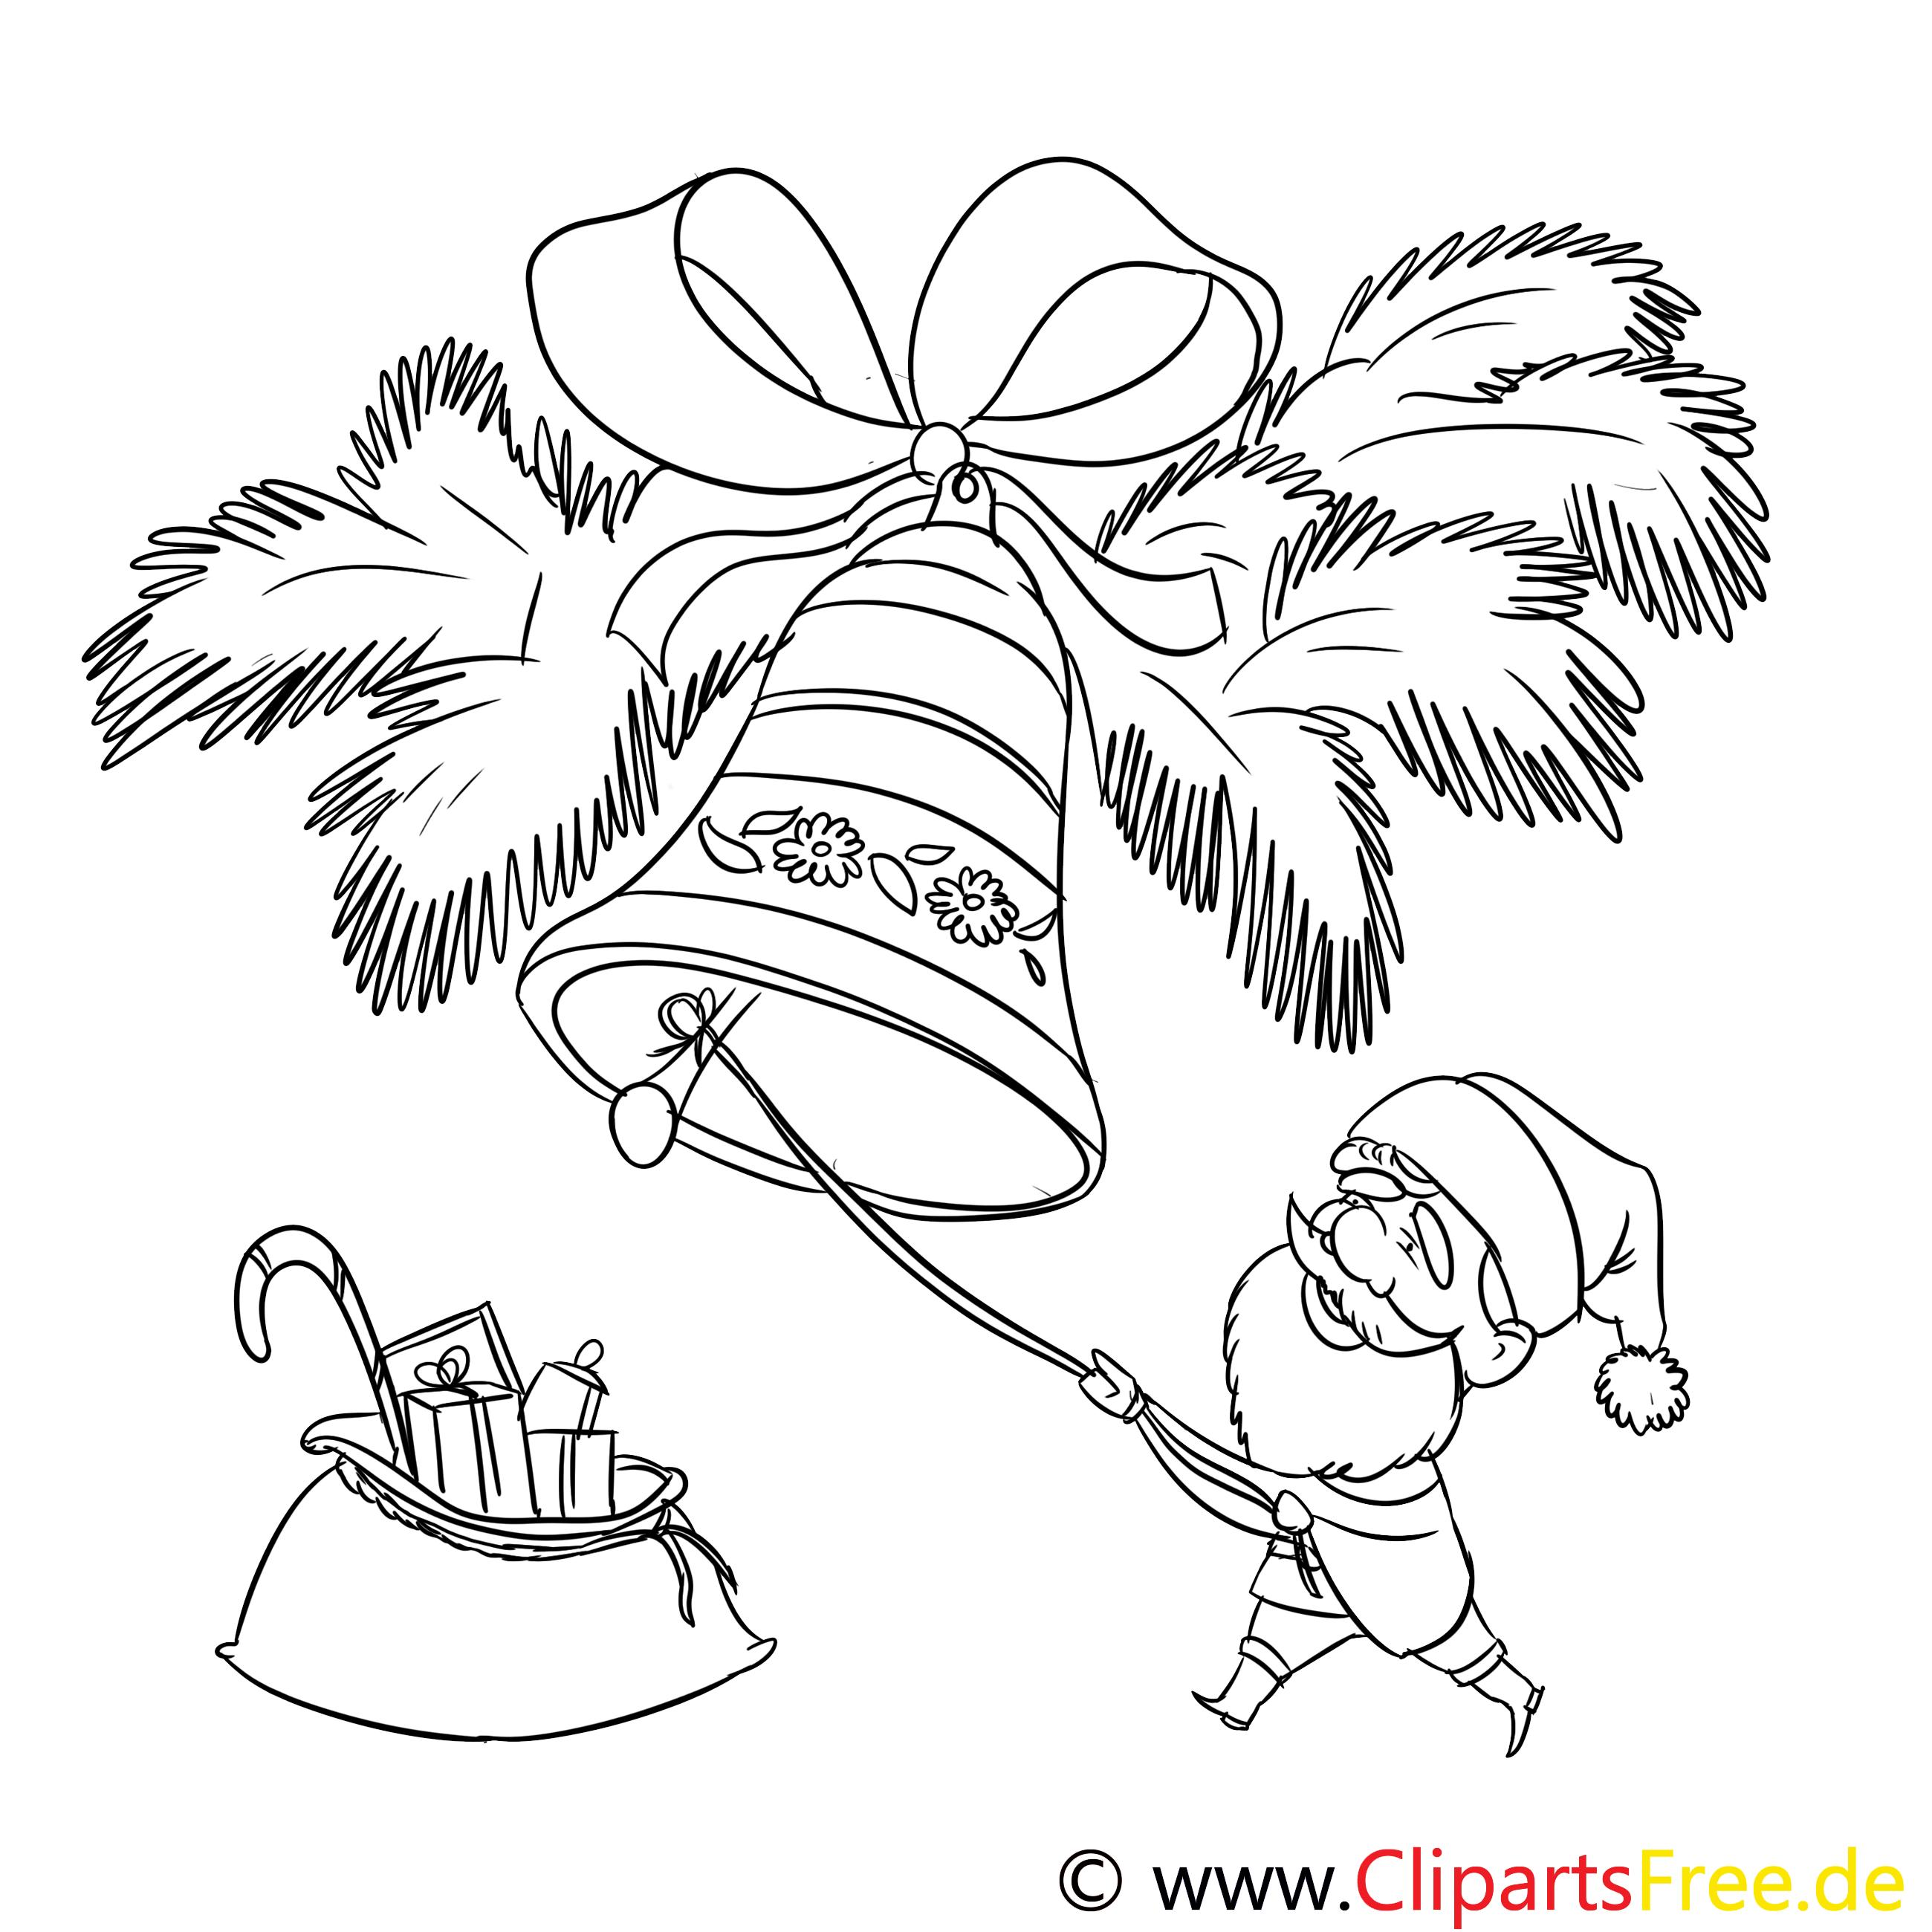 Glocke Sack Ausmalbild Malvorlage Zum Drucken Und Ausmalen